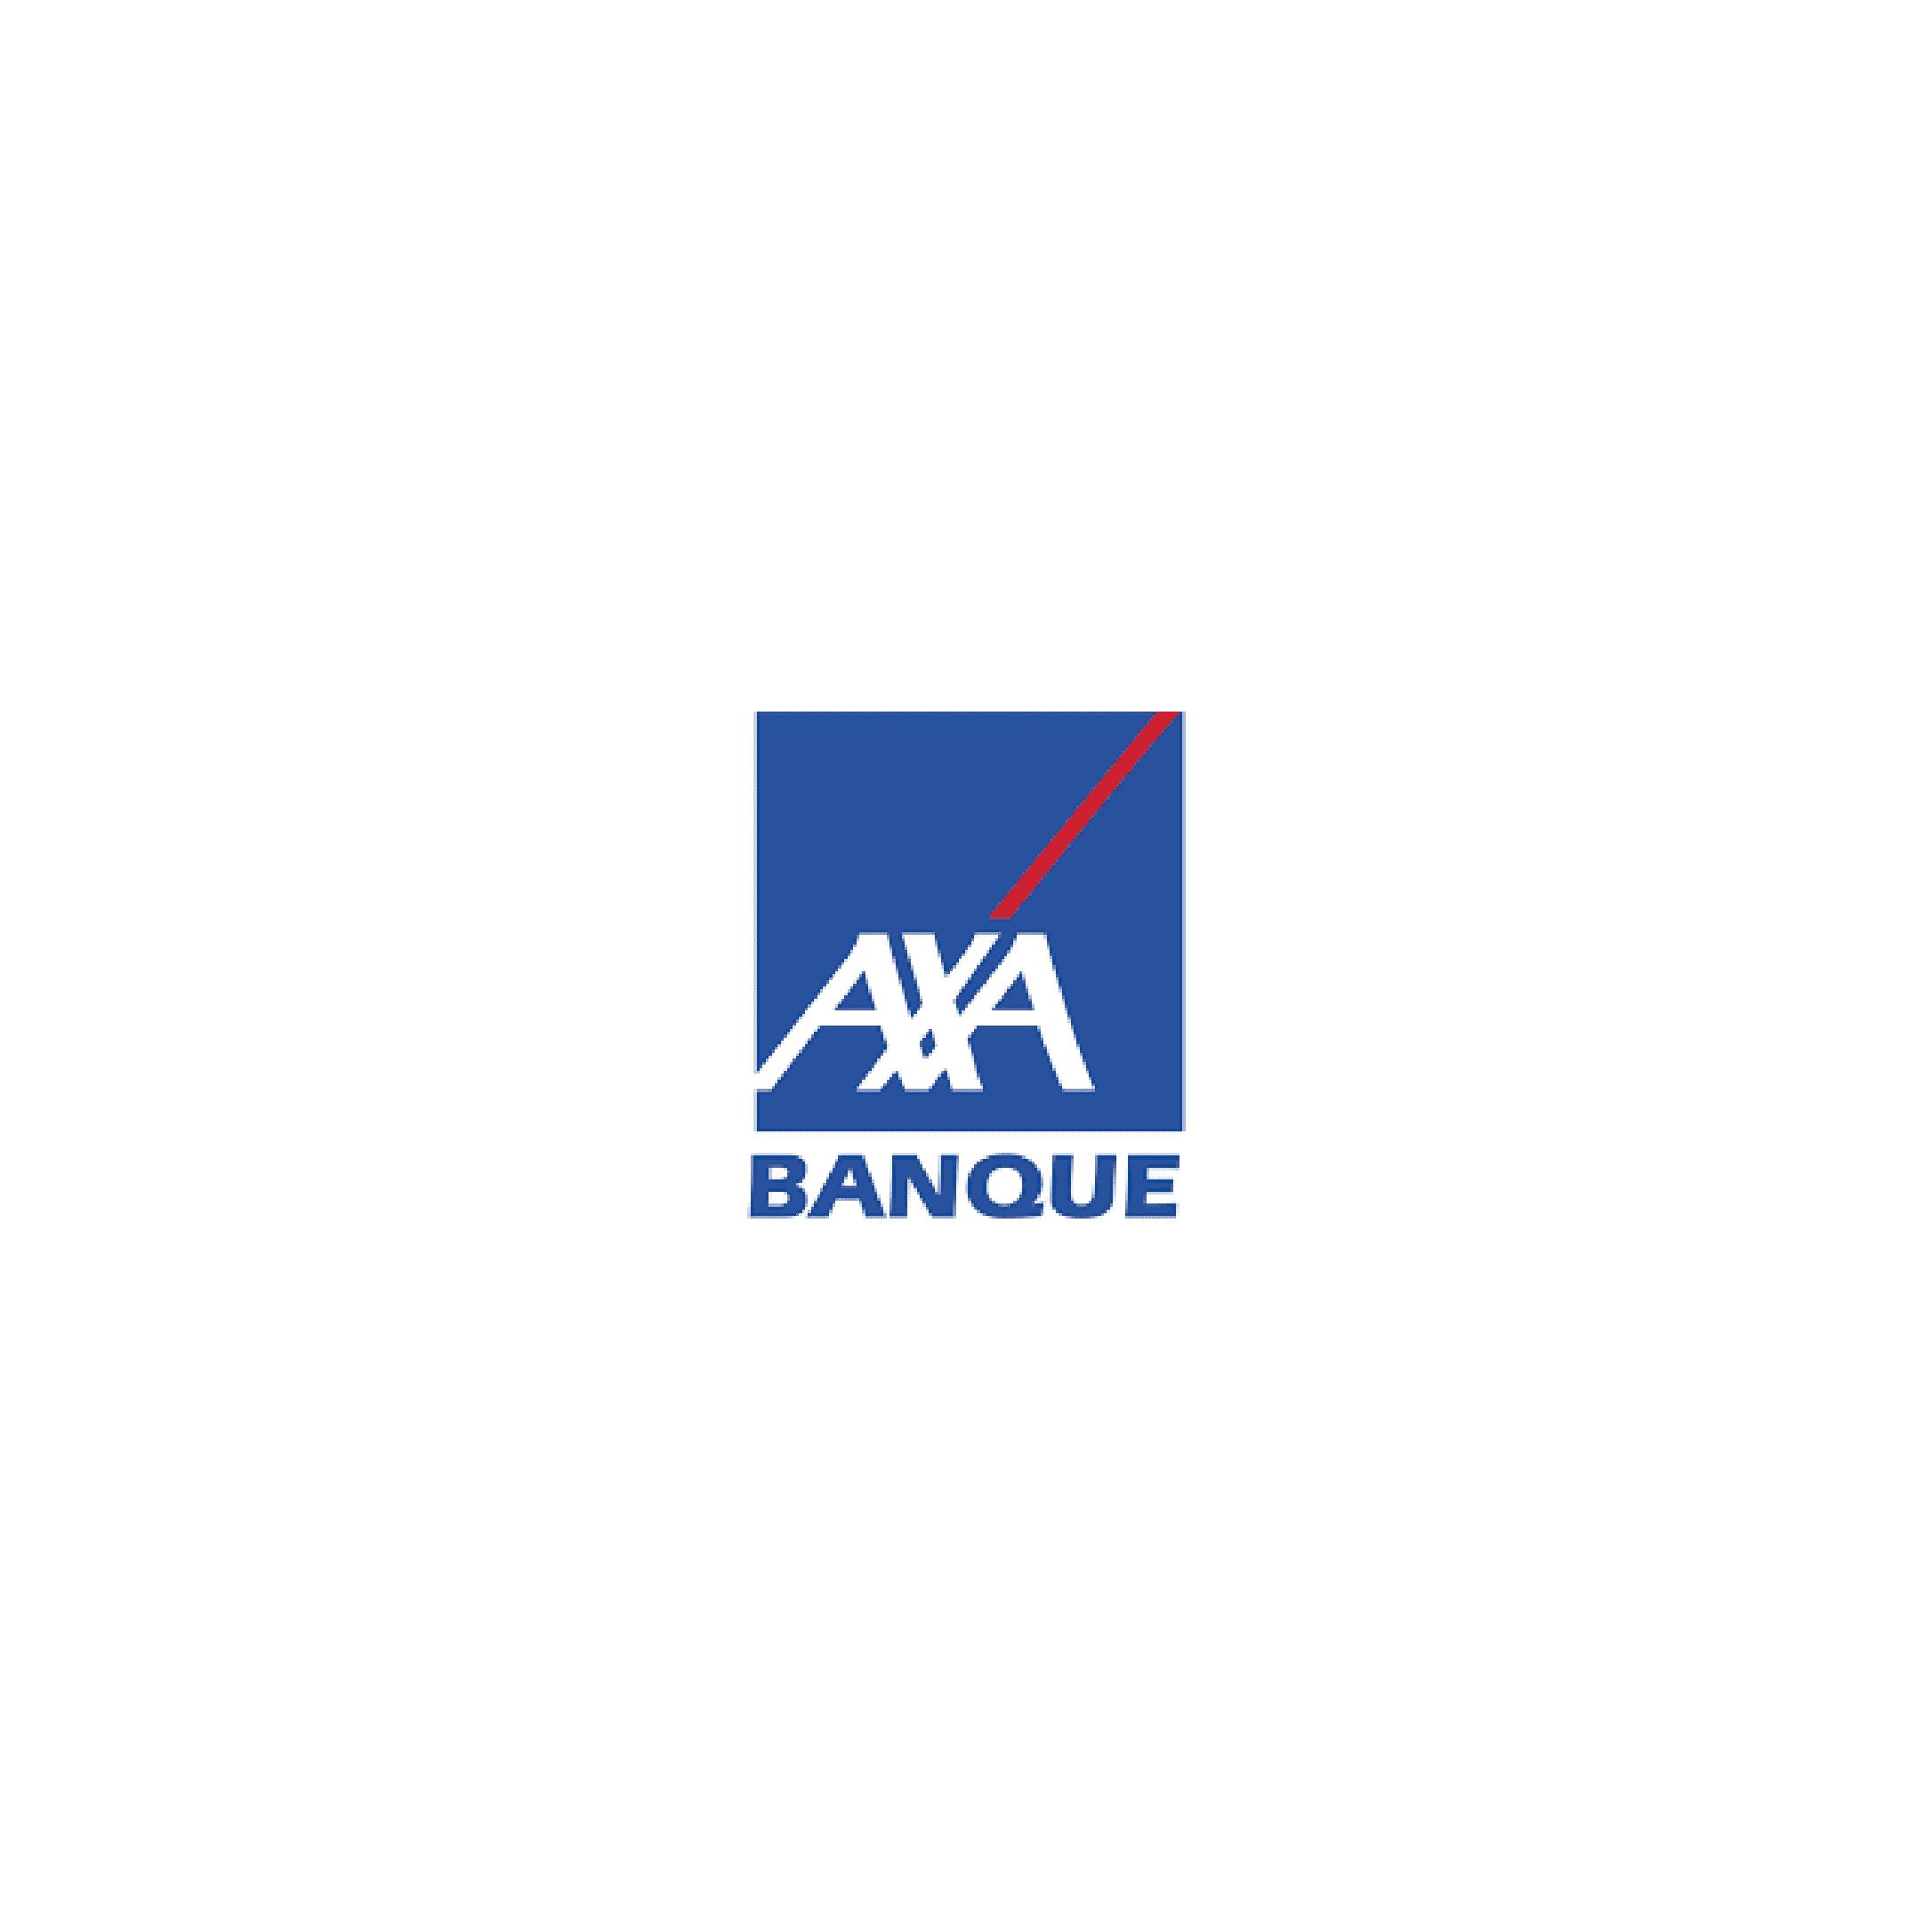 DialOnce-Assurance-Axa-Logo-Banque